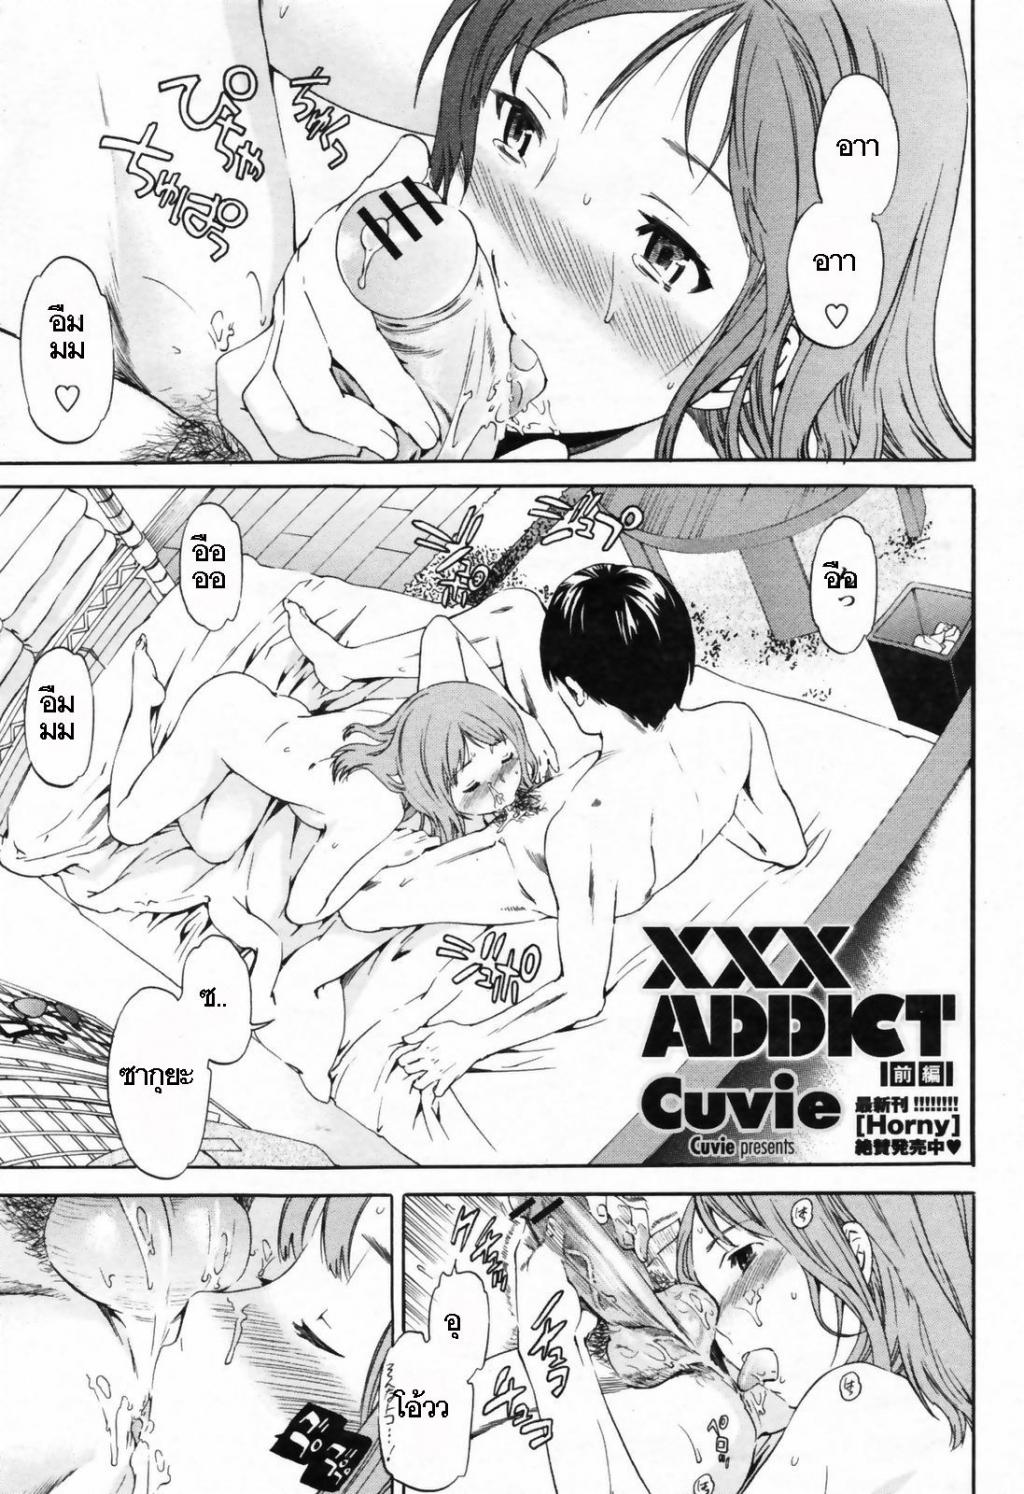 [โดจิน] XXX Addict ความรักปนเปื้อน ตอนที่ 1